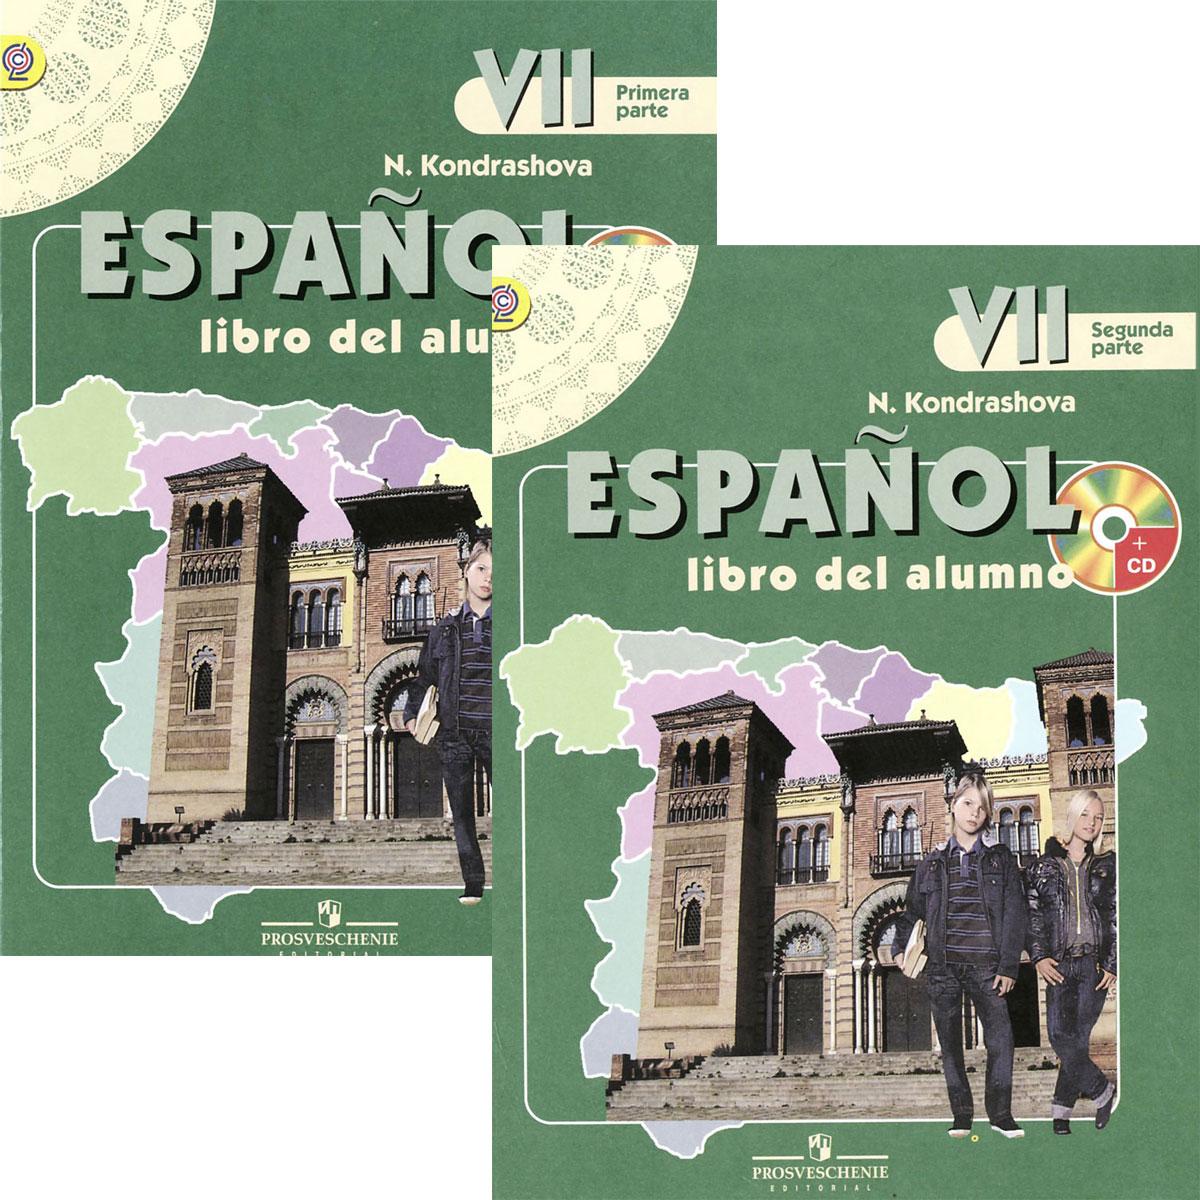 Espanol 7: Libro del alumno / Испанский язык. 7 класс. Учебник. В 2 частях (комплект + CD) ( 978-5-09-026745-8 )